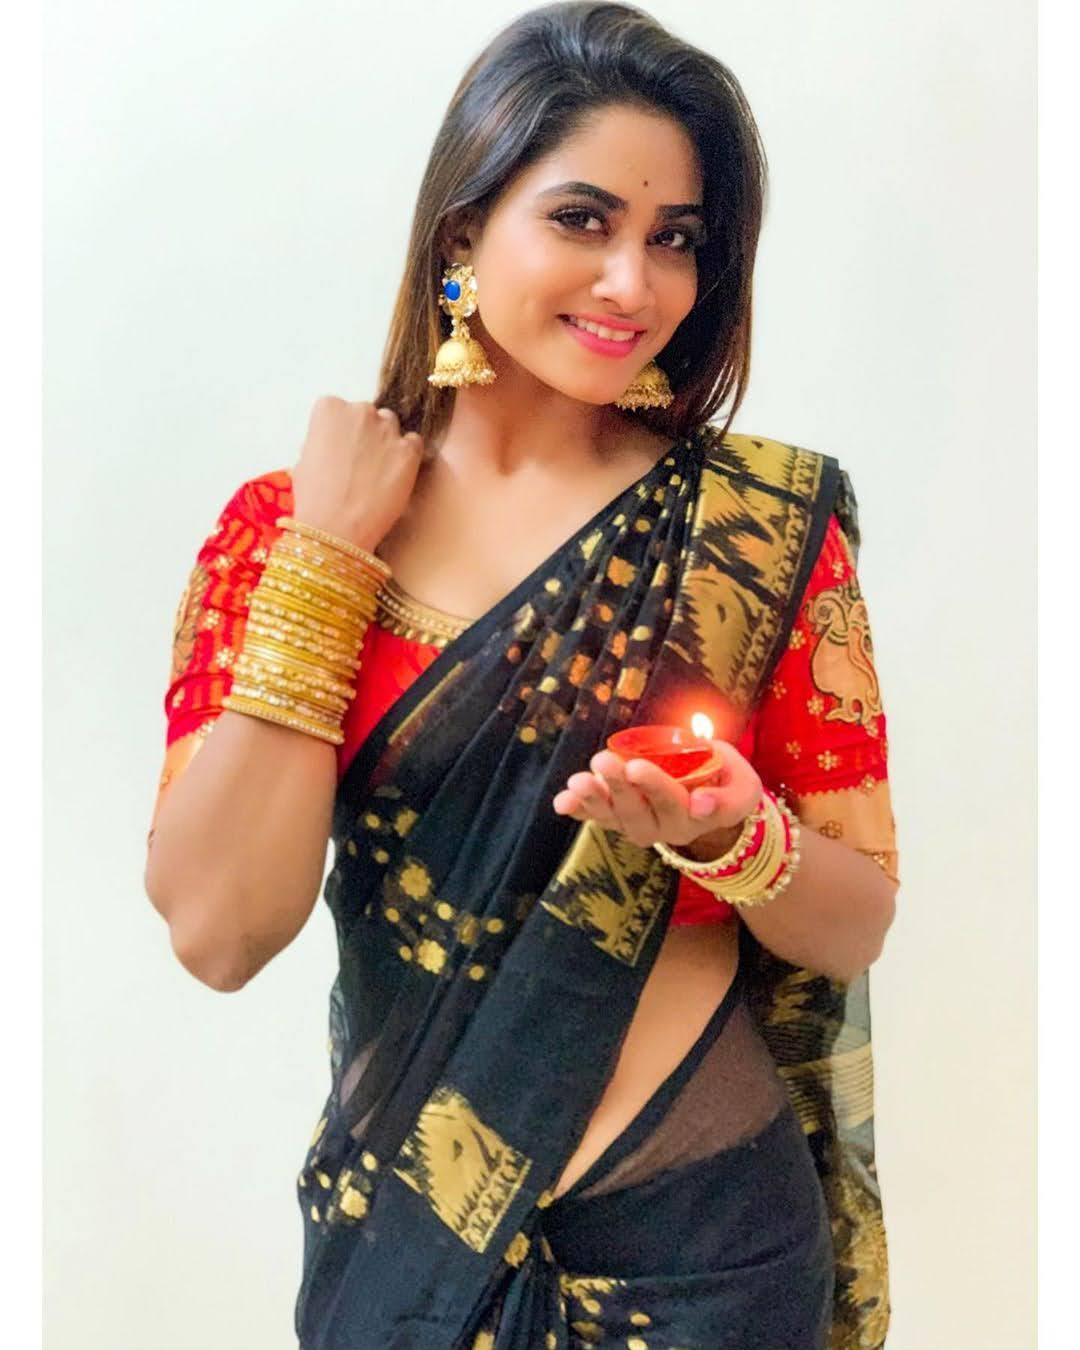 shivani_narayanan_515113248